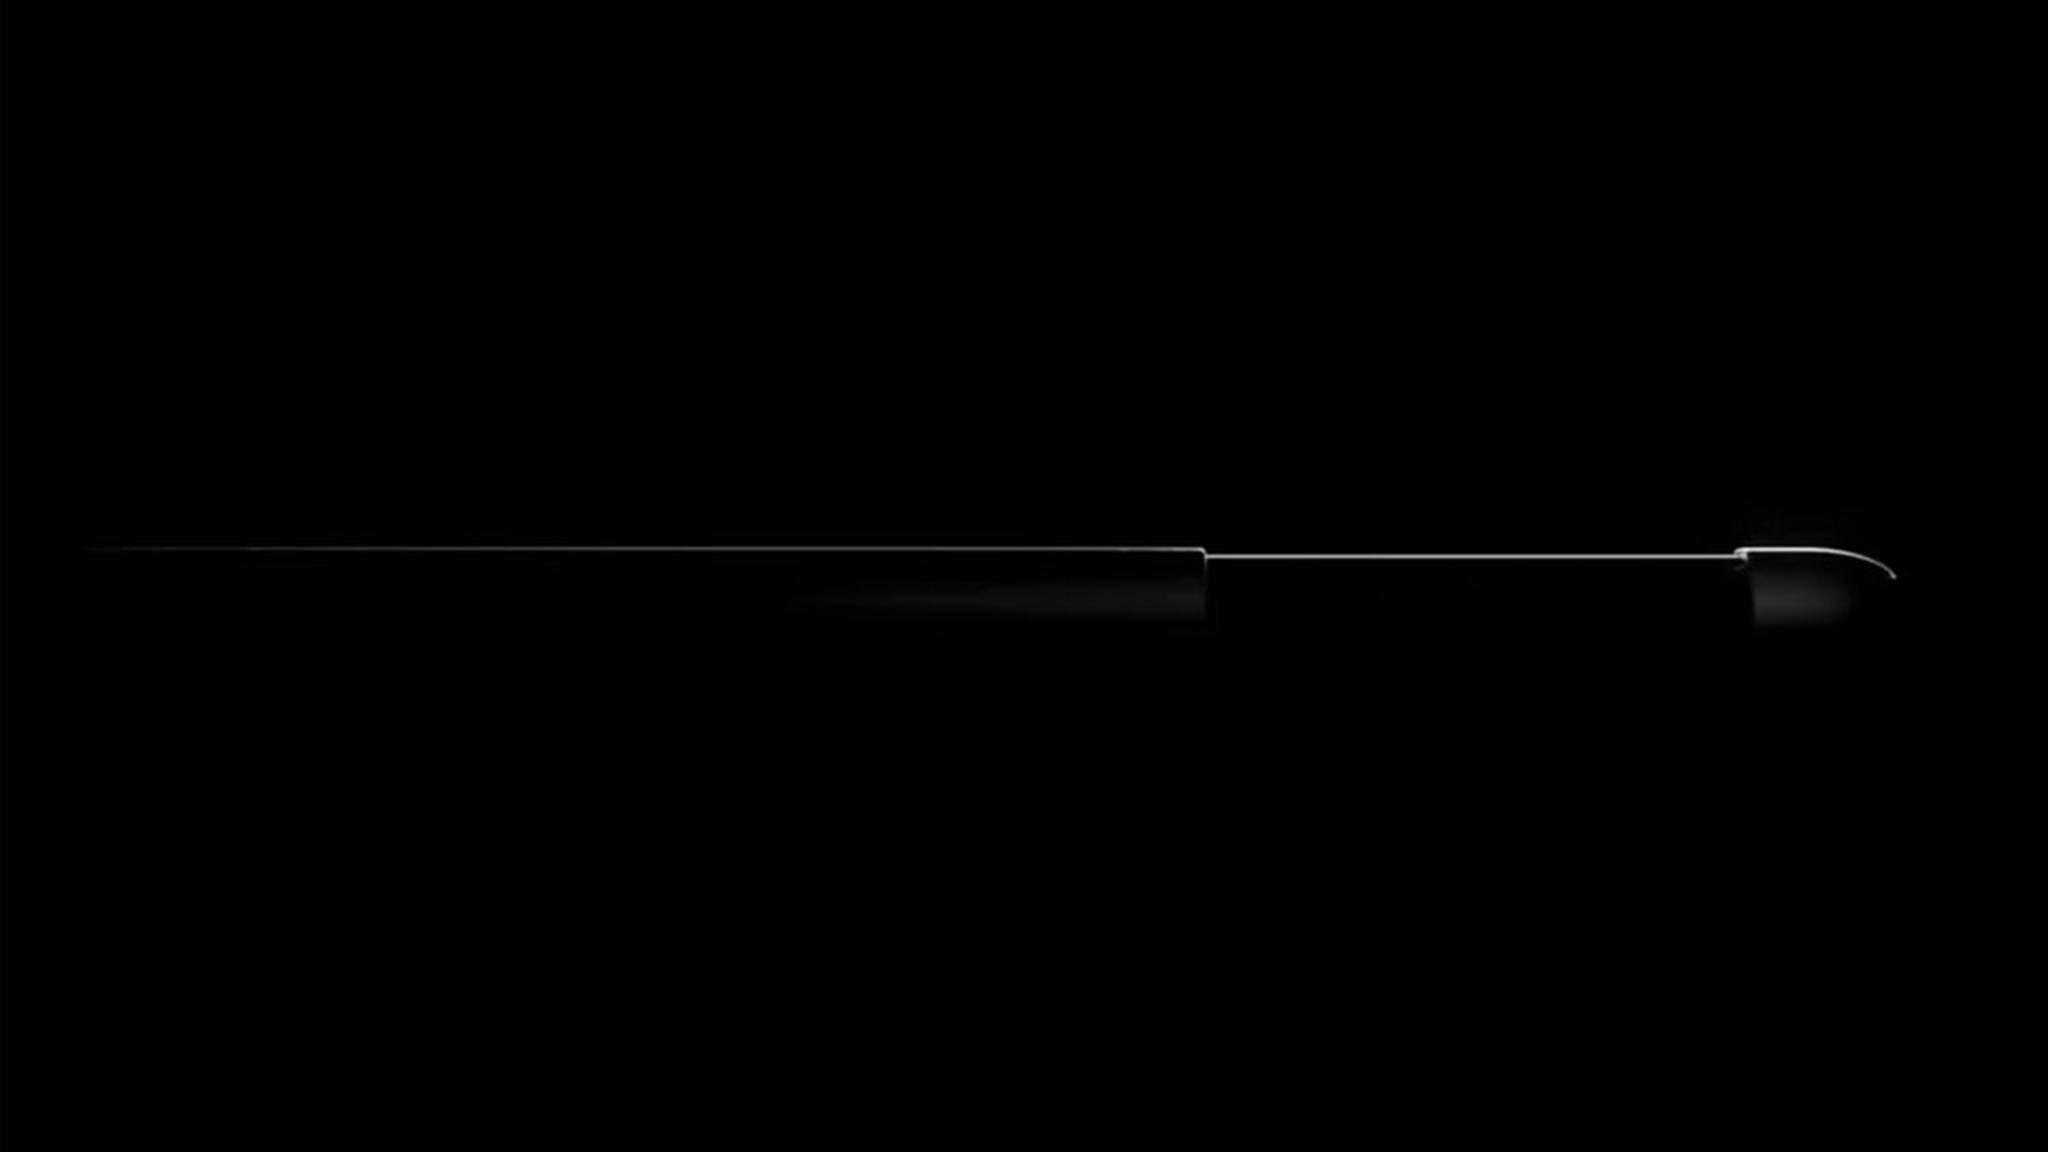 Das Display des LG Rollable soll sich durch Ausrollen vergrößern.